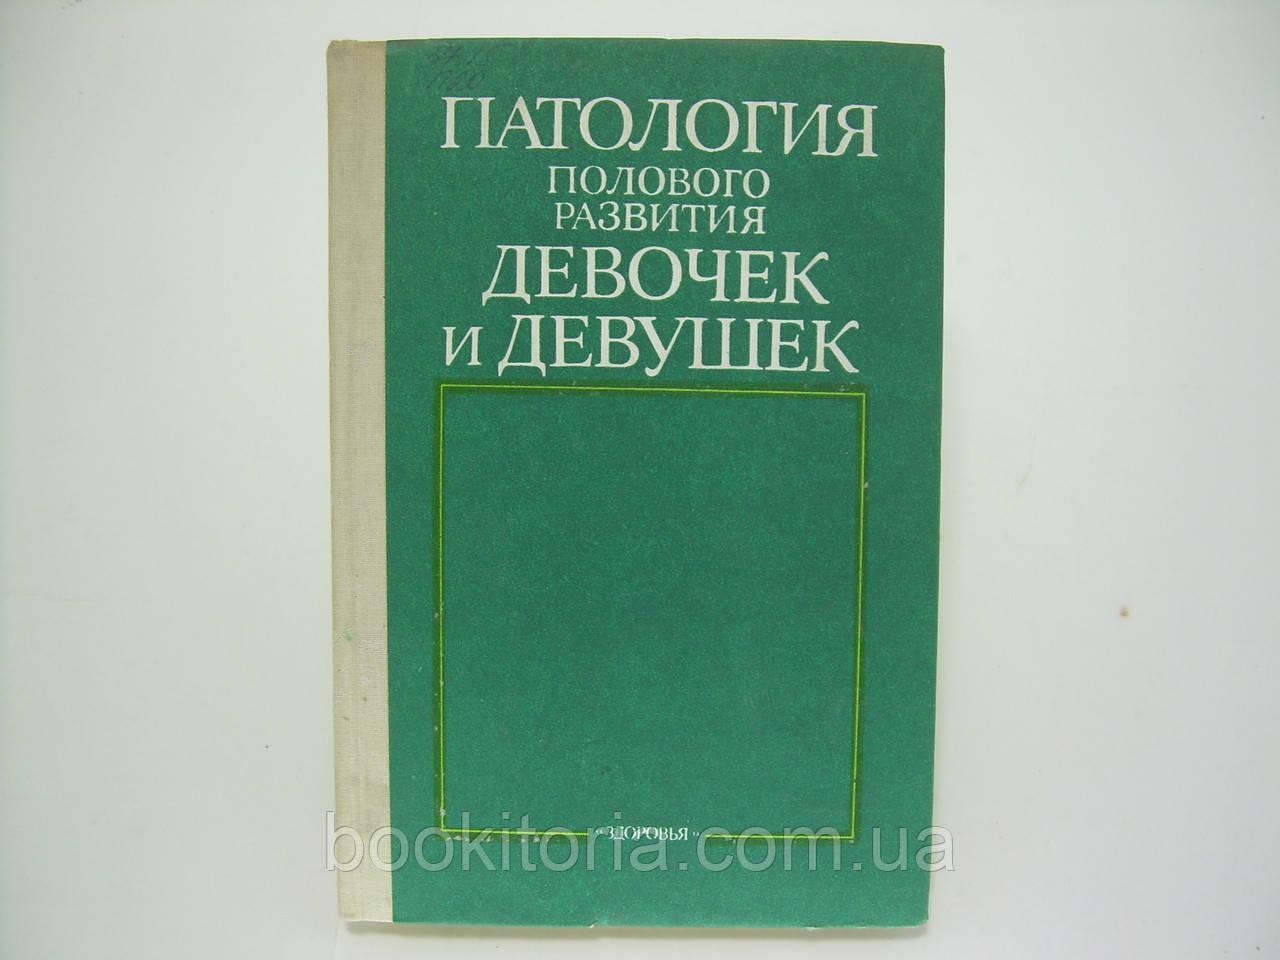 Патология полового развития девочек и девушек (б/у).